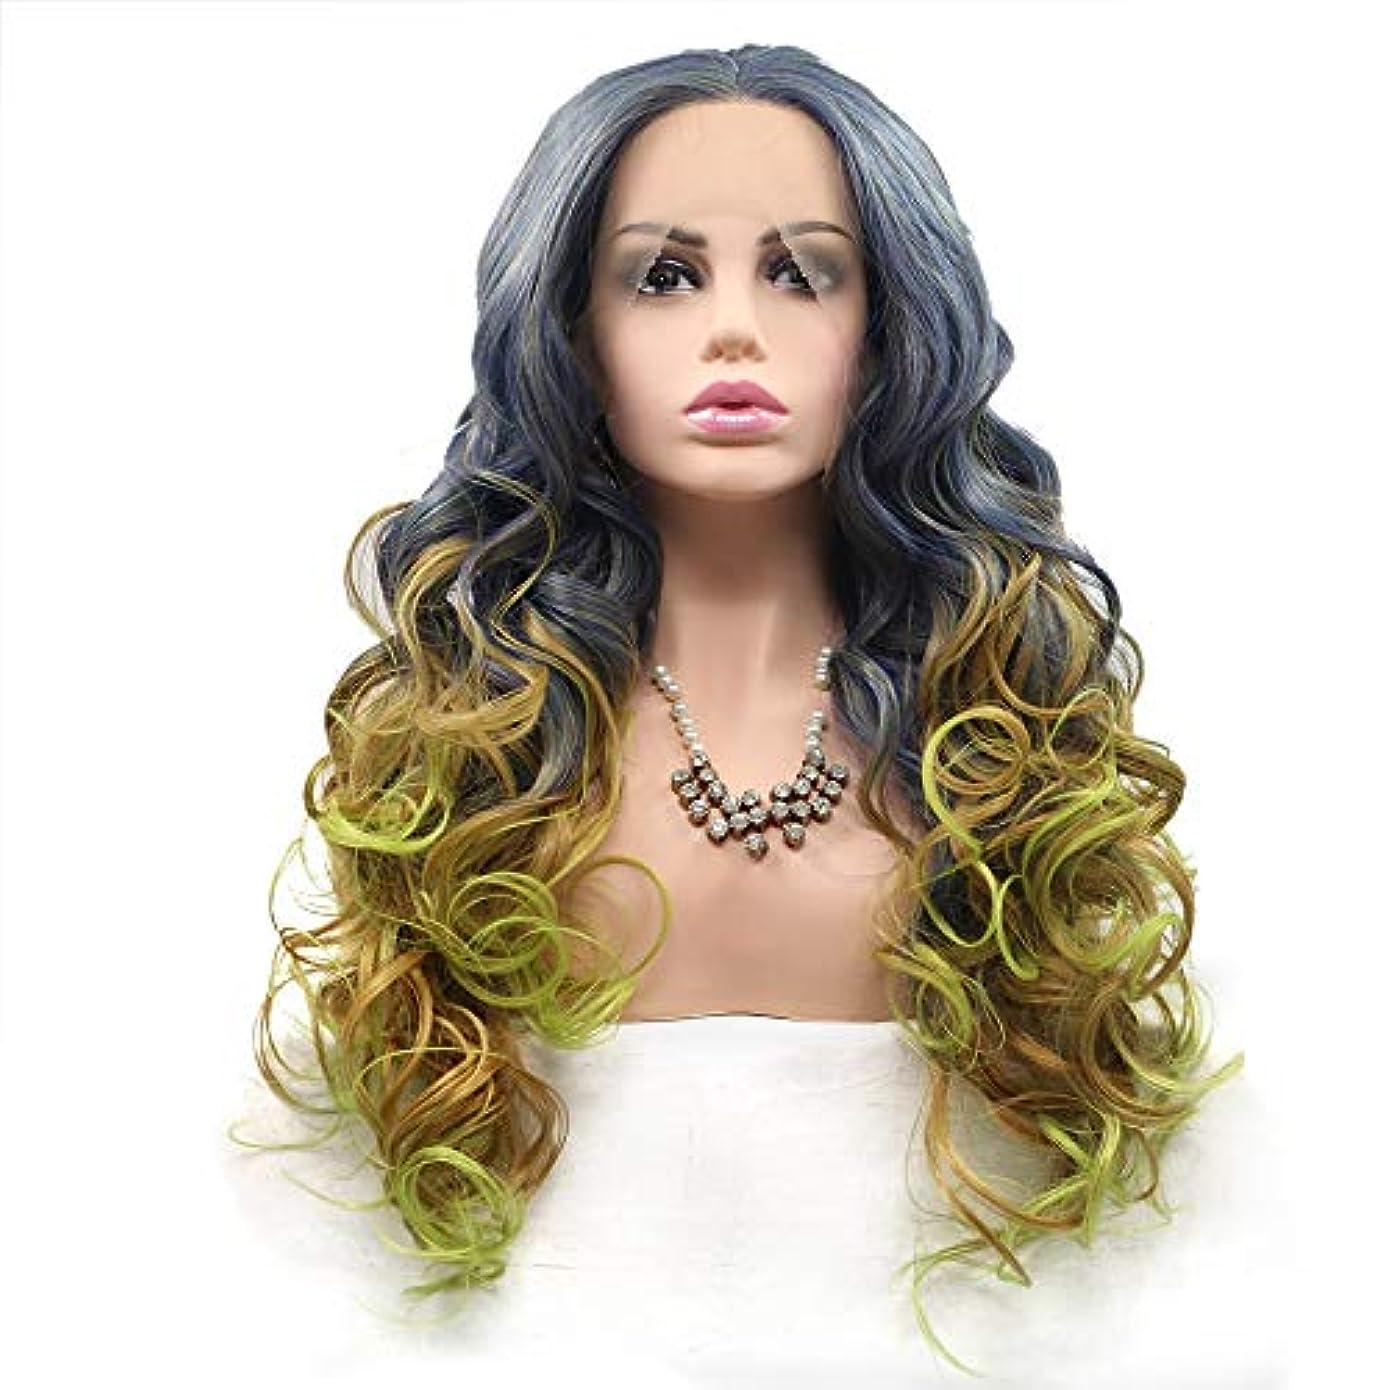 泣き叫ぶ環境に優しいコイルZXF 染色された女性のヨーロッパとアメリカのかつらは化学繊維かつら髪セットの真ん中にセット - グリーン - 長い巻き毛 - グラデーション - 多色 美しい